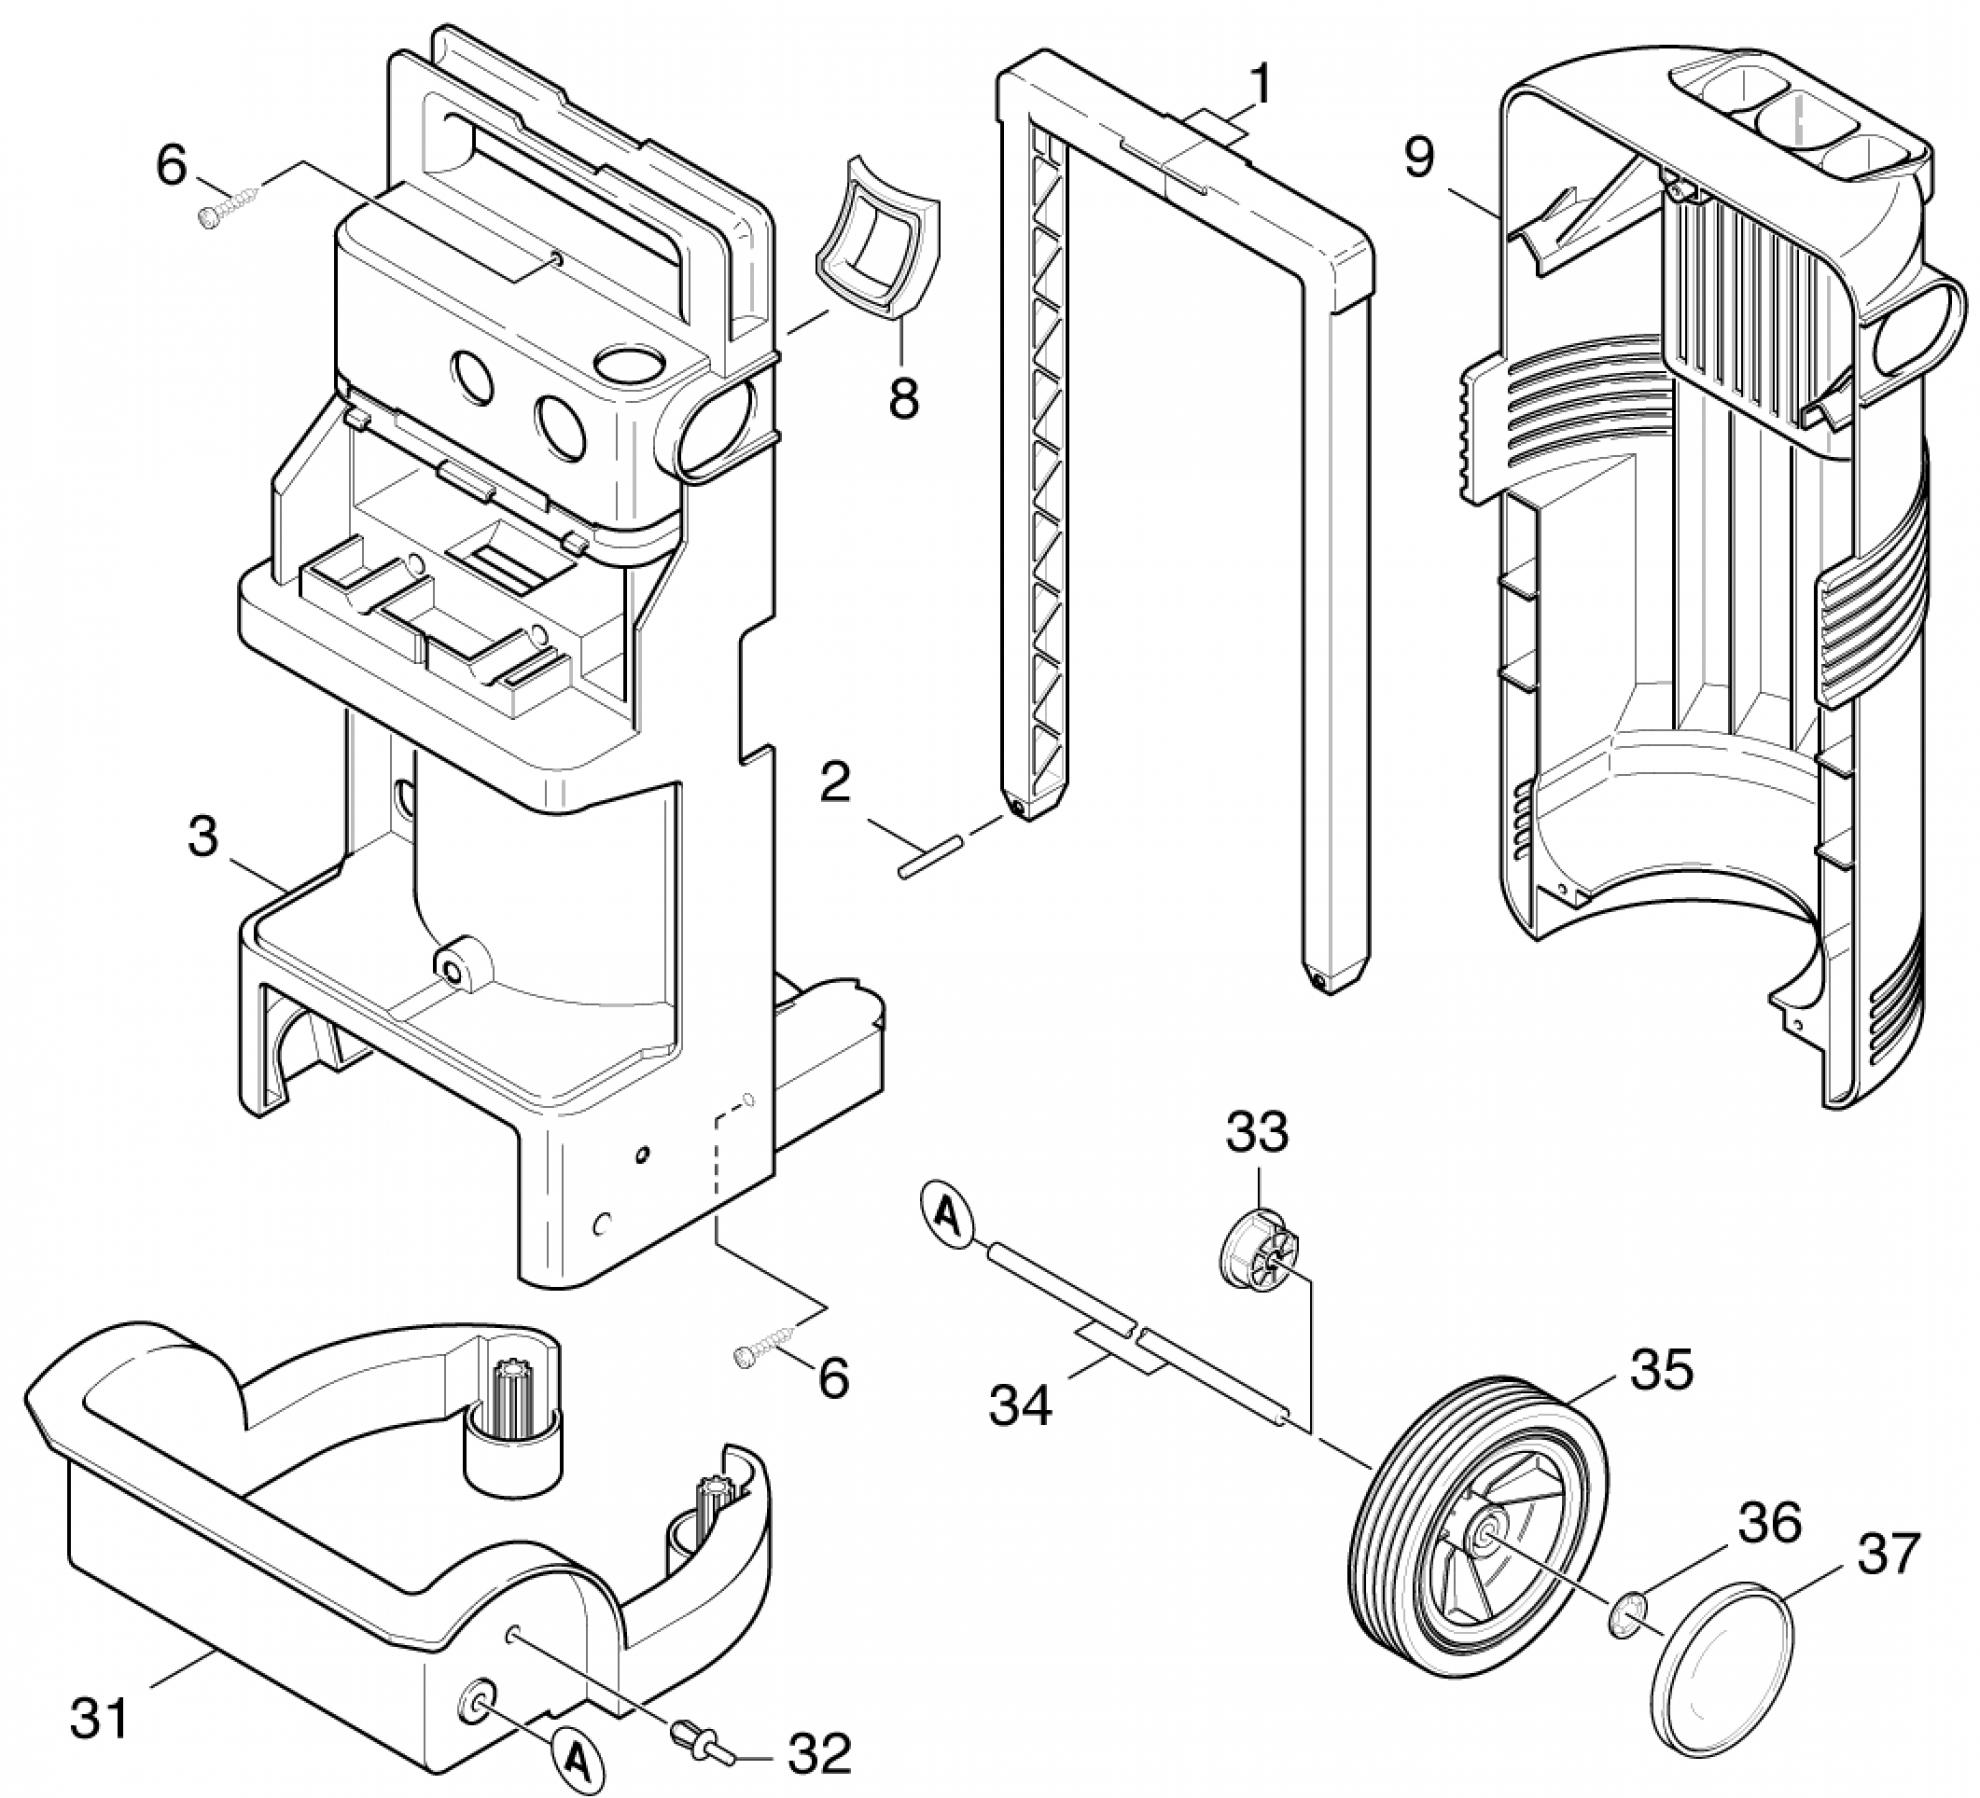 pi ces d tach es nettoyeur haute pression karcher k 720 m eu page 2. Black Bedroom Furniture Sets. Home Design Ideas